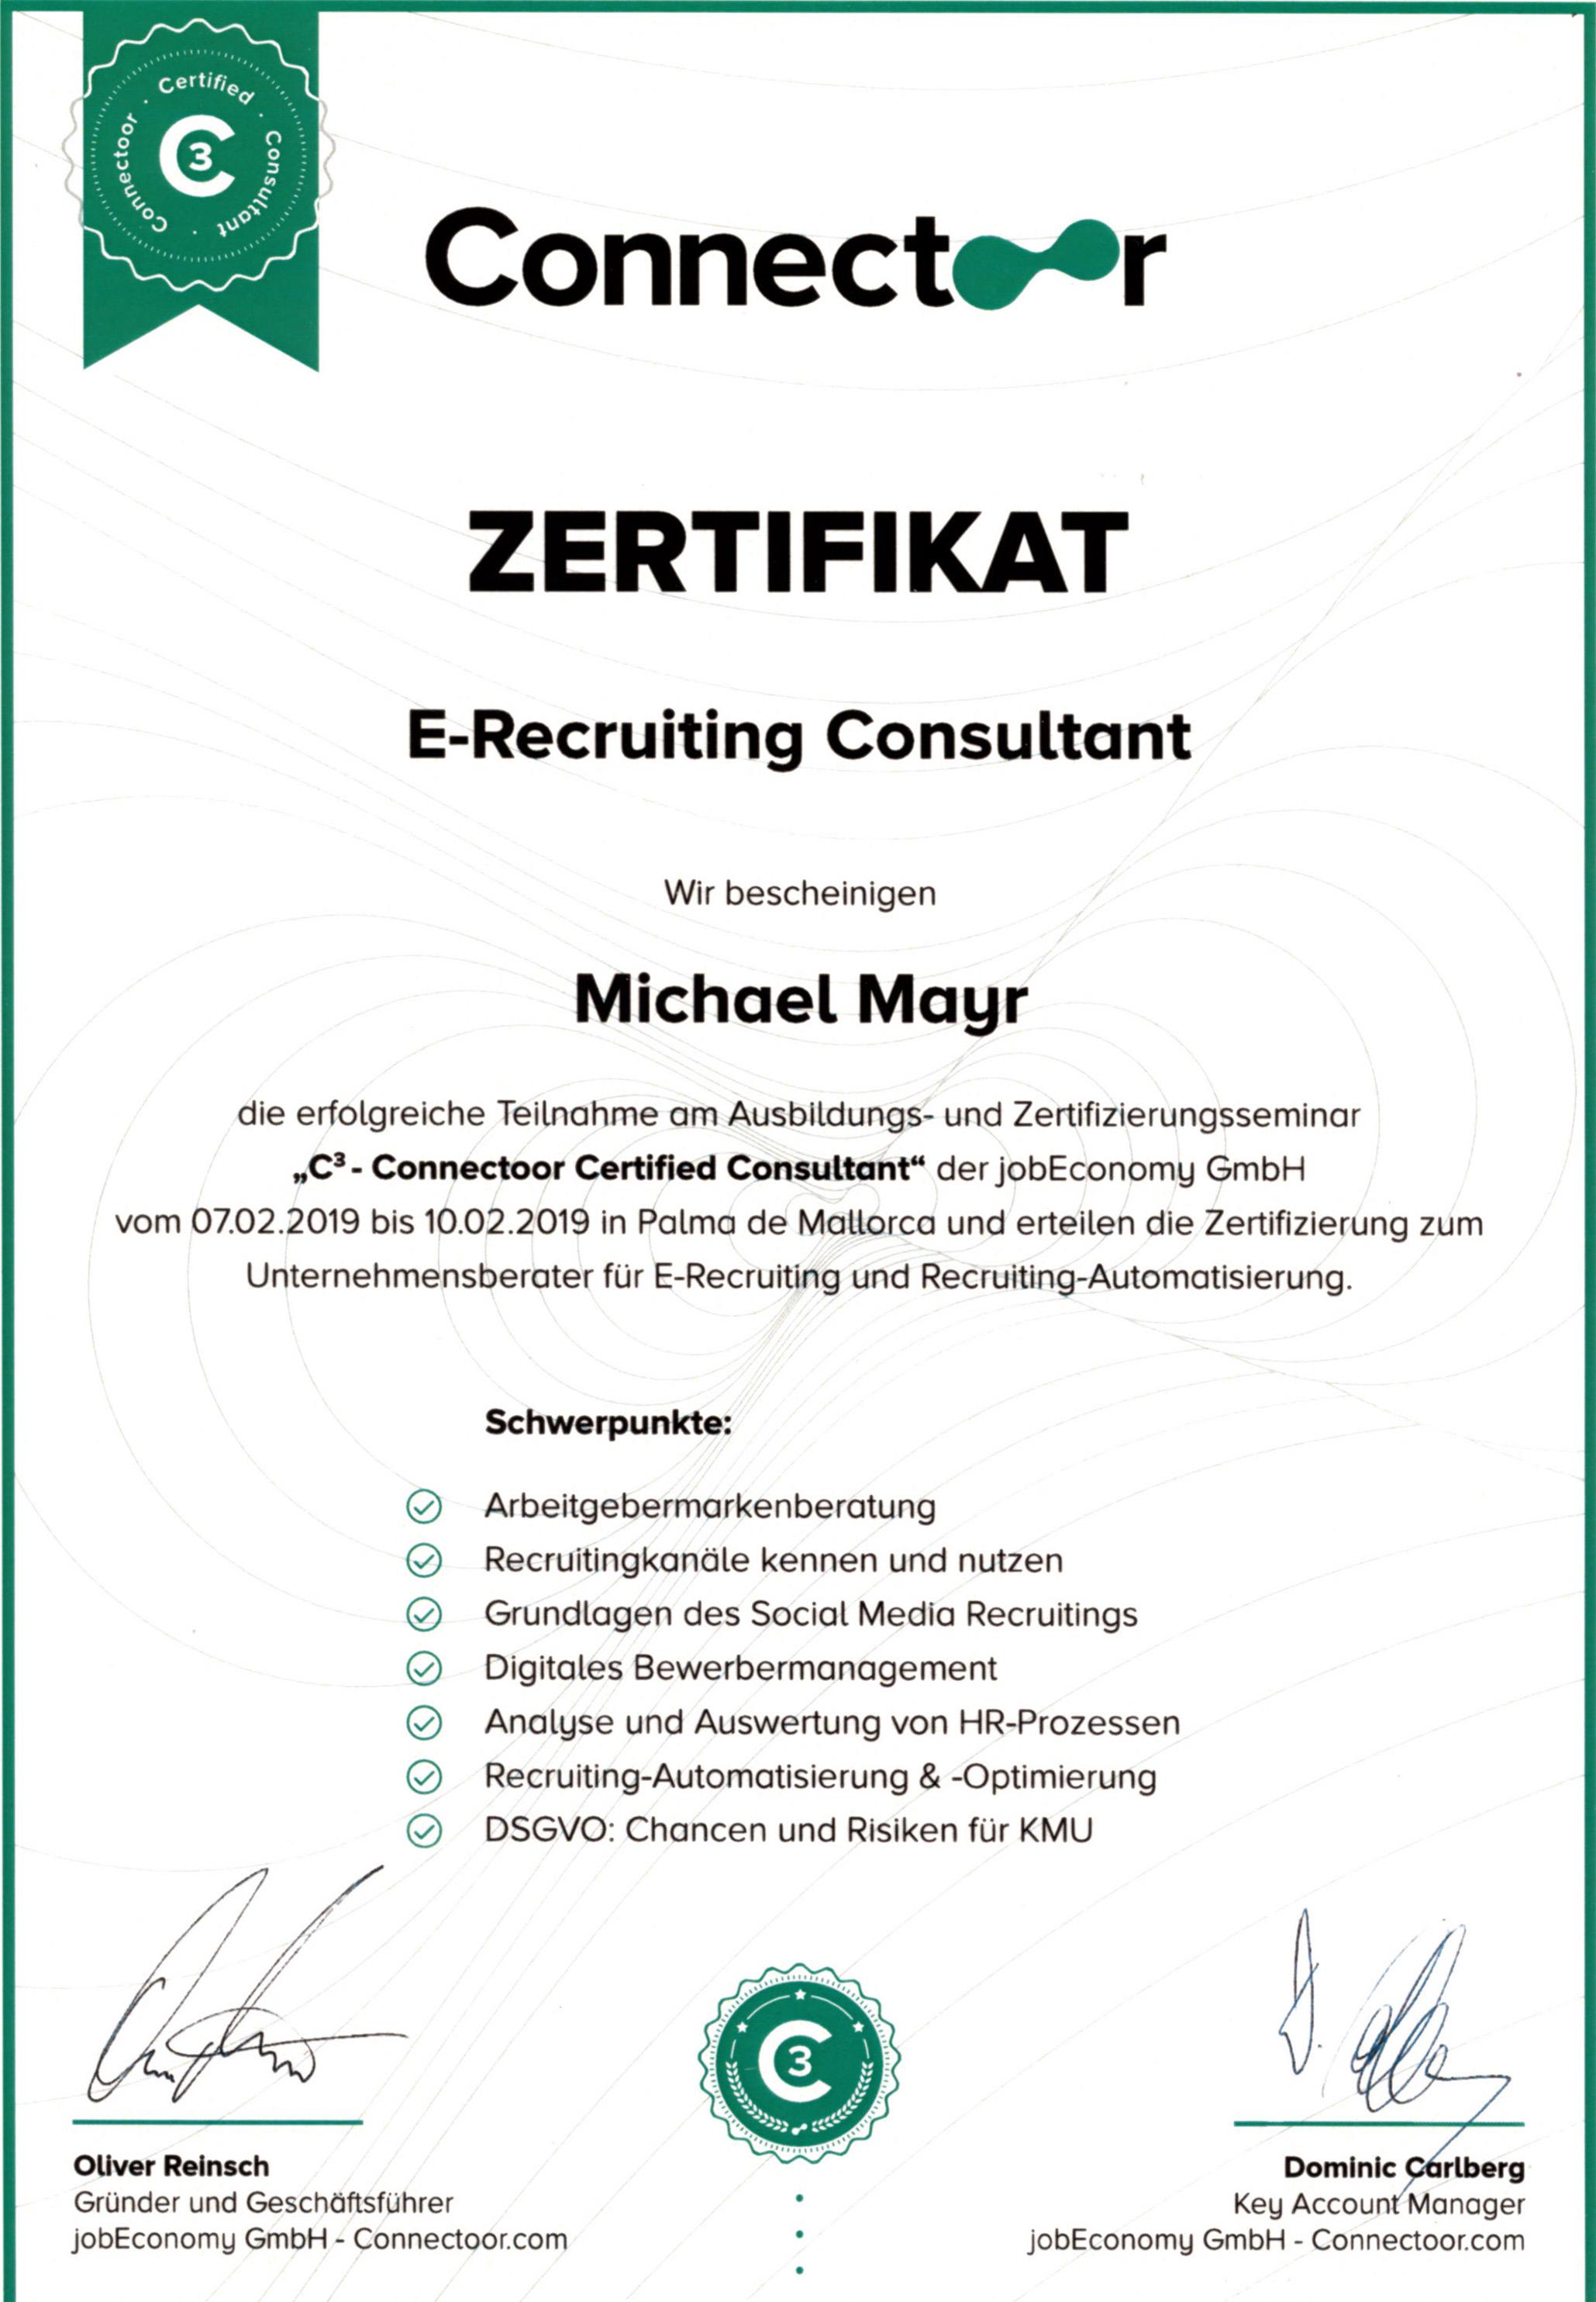 Connectoor-Zertifikat-Urkunde